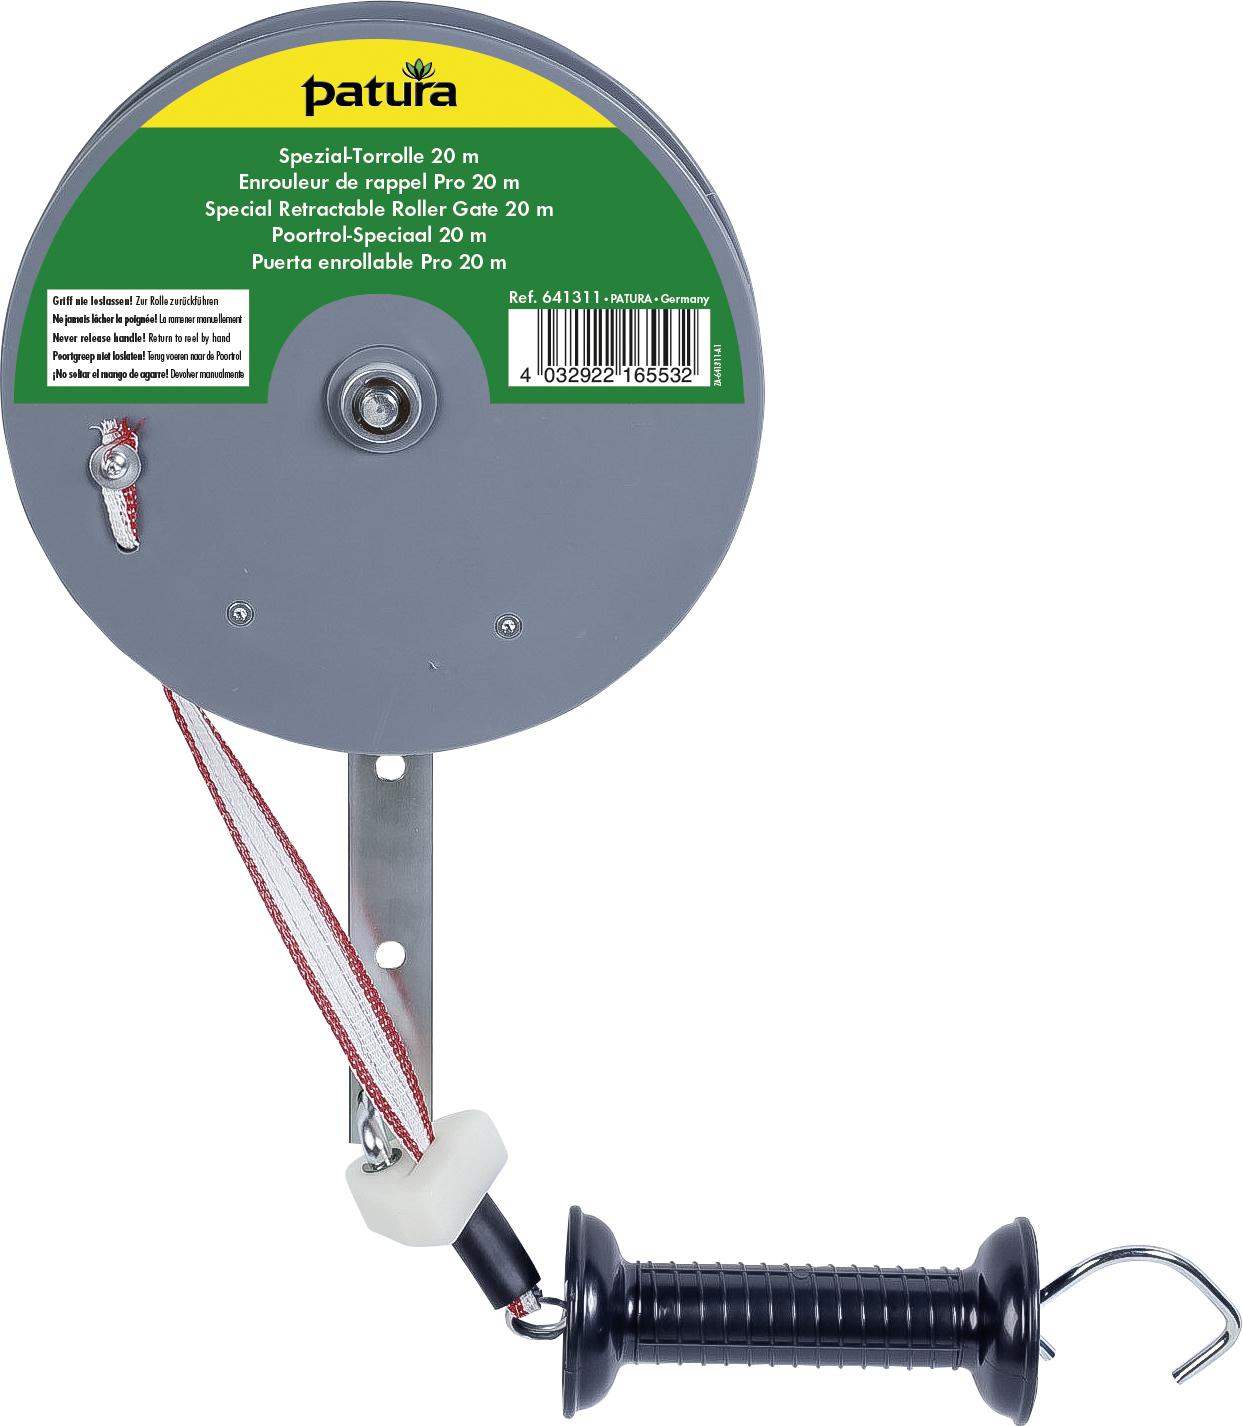 Spezial-Torrolle 20 m mit Breitband